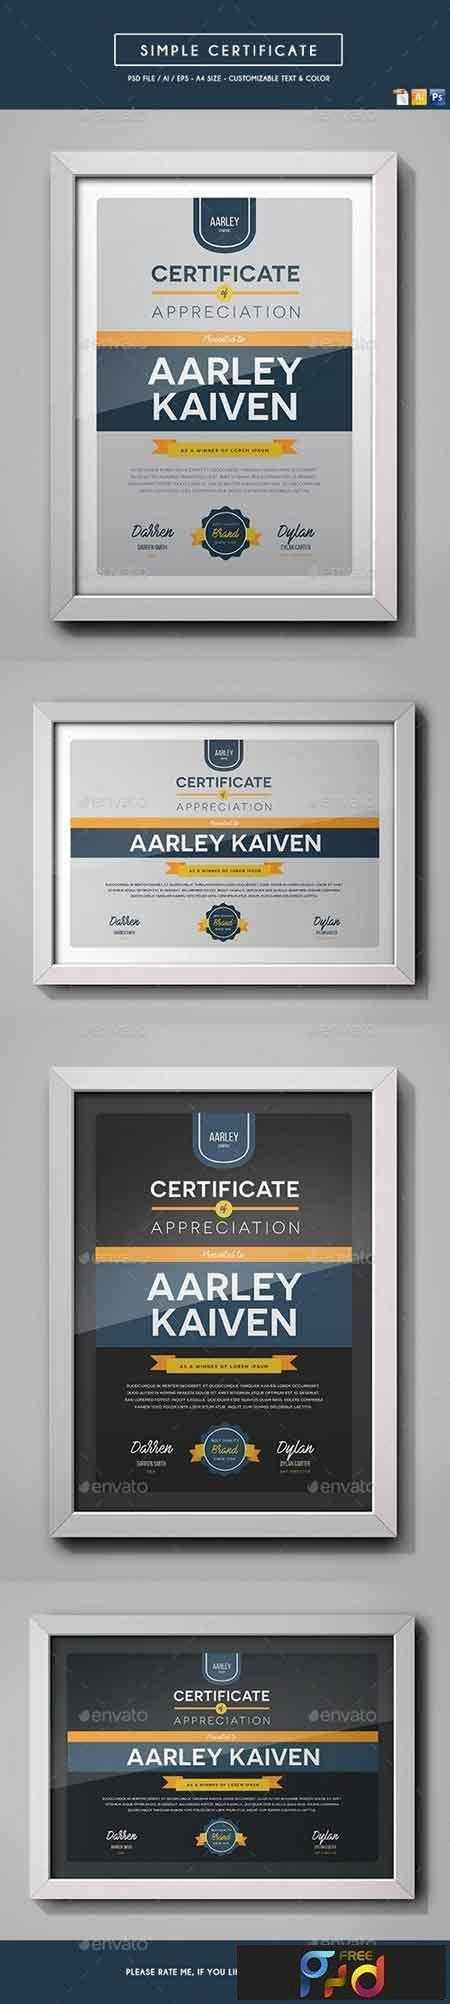 1809096 Simple Multipurpose Certificates 19026441 1